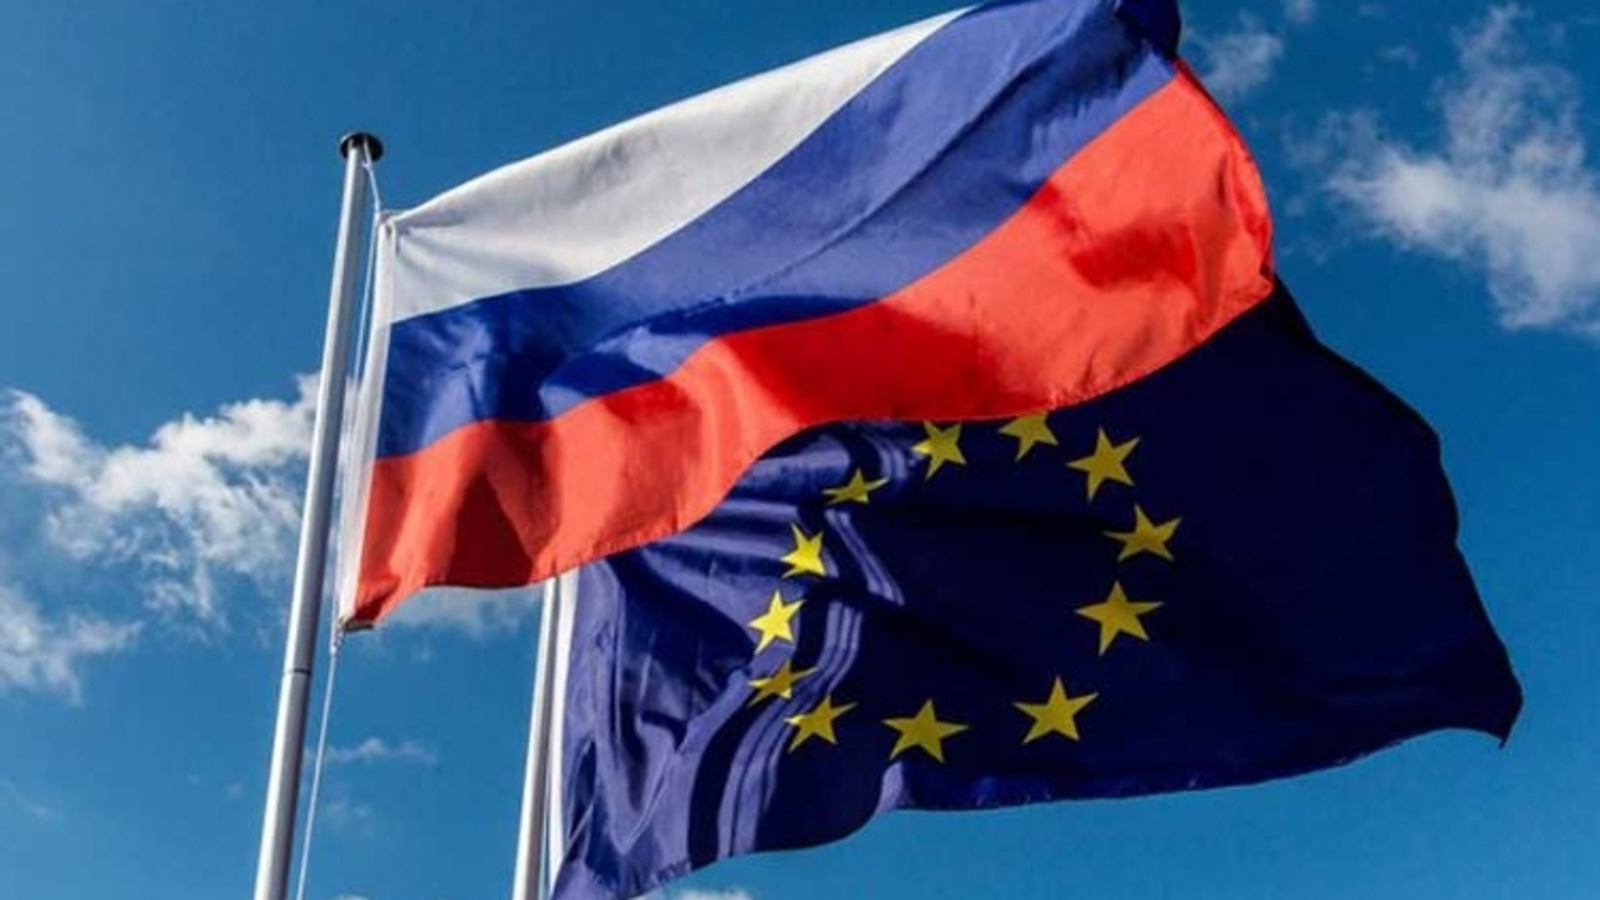 Cuộc chiến trục xuất ngoại giao giữa Nga và châu Âu chưa có hồi kết